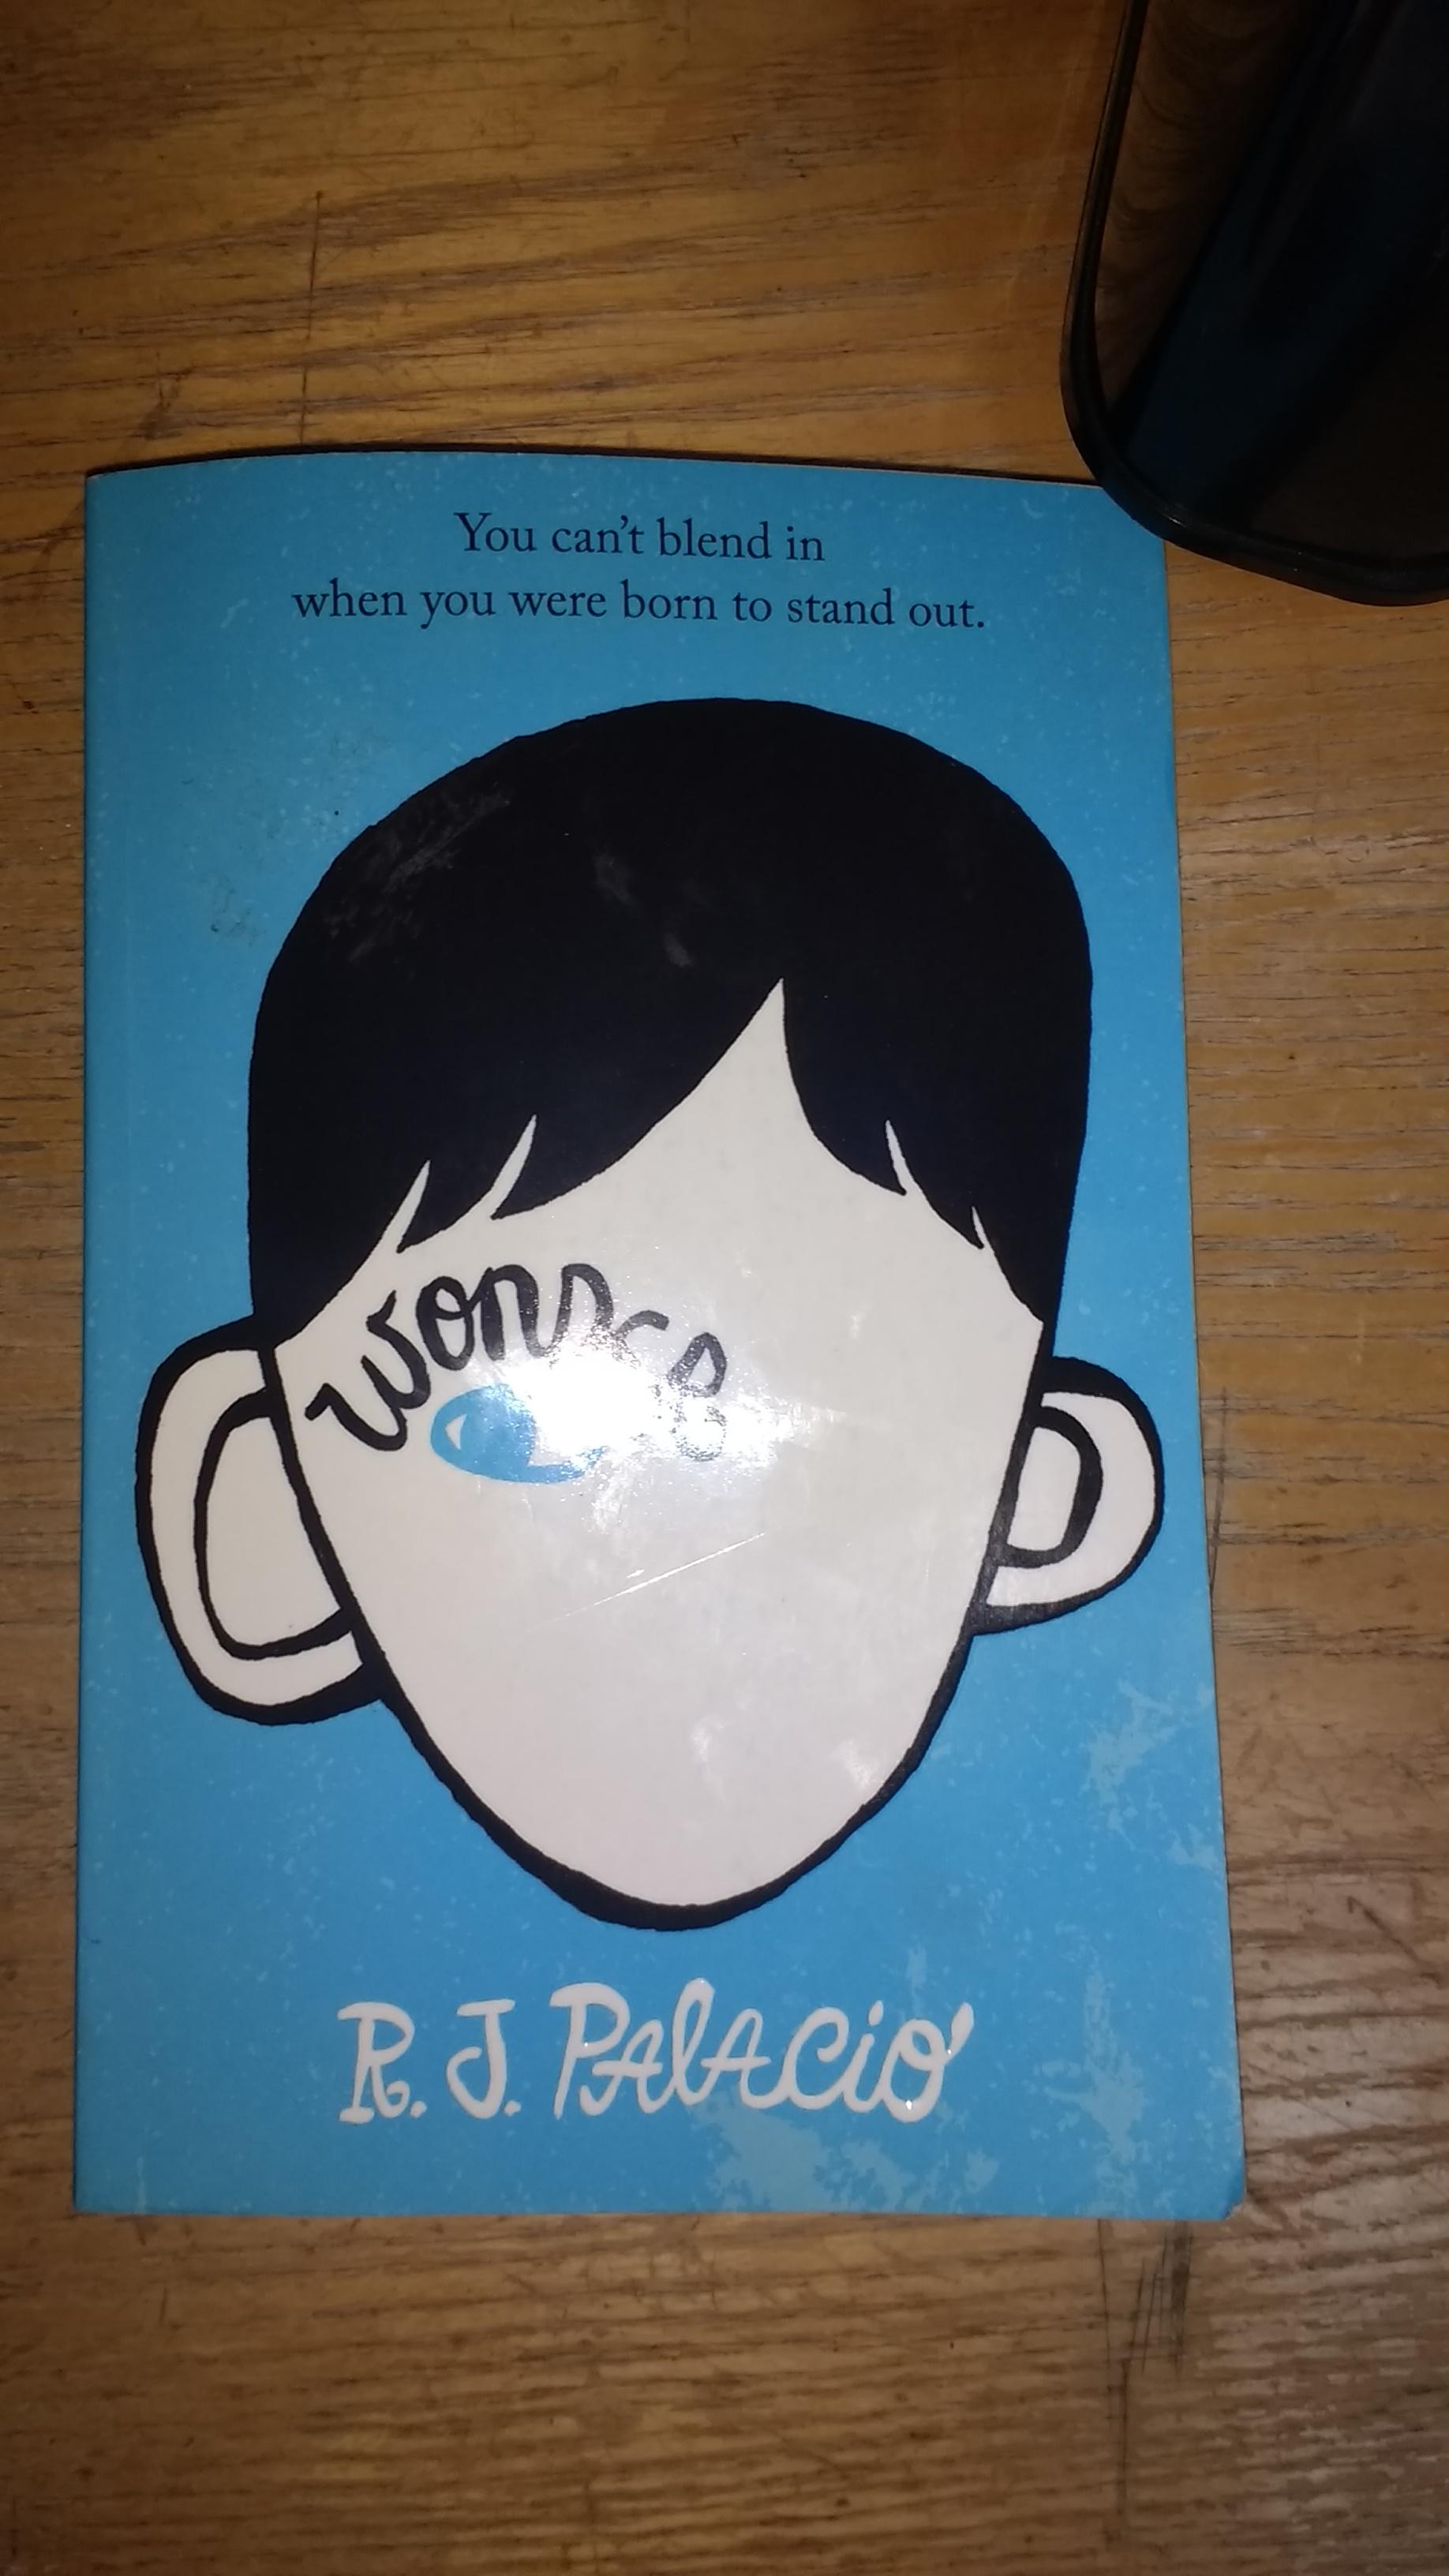 'Wonder' : Great book!